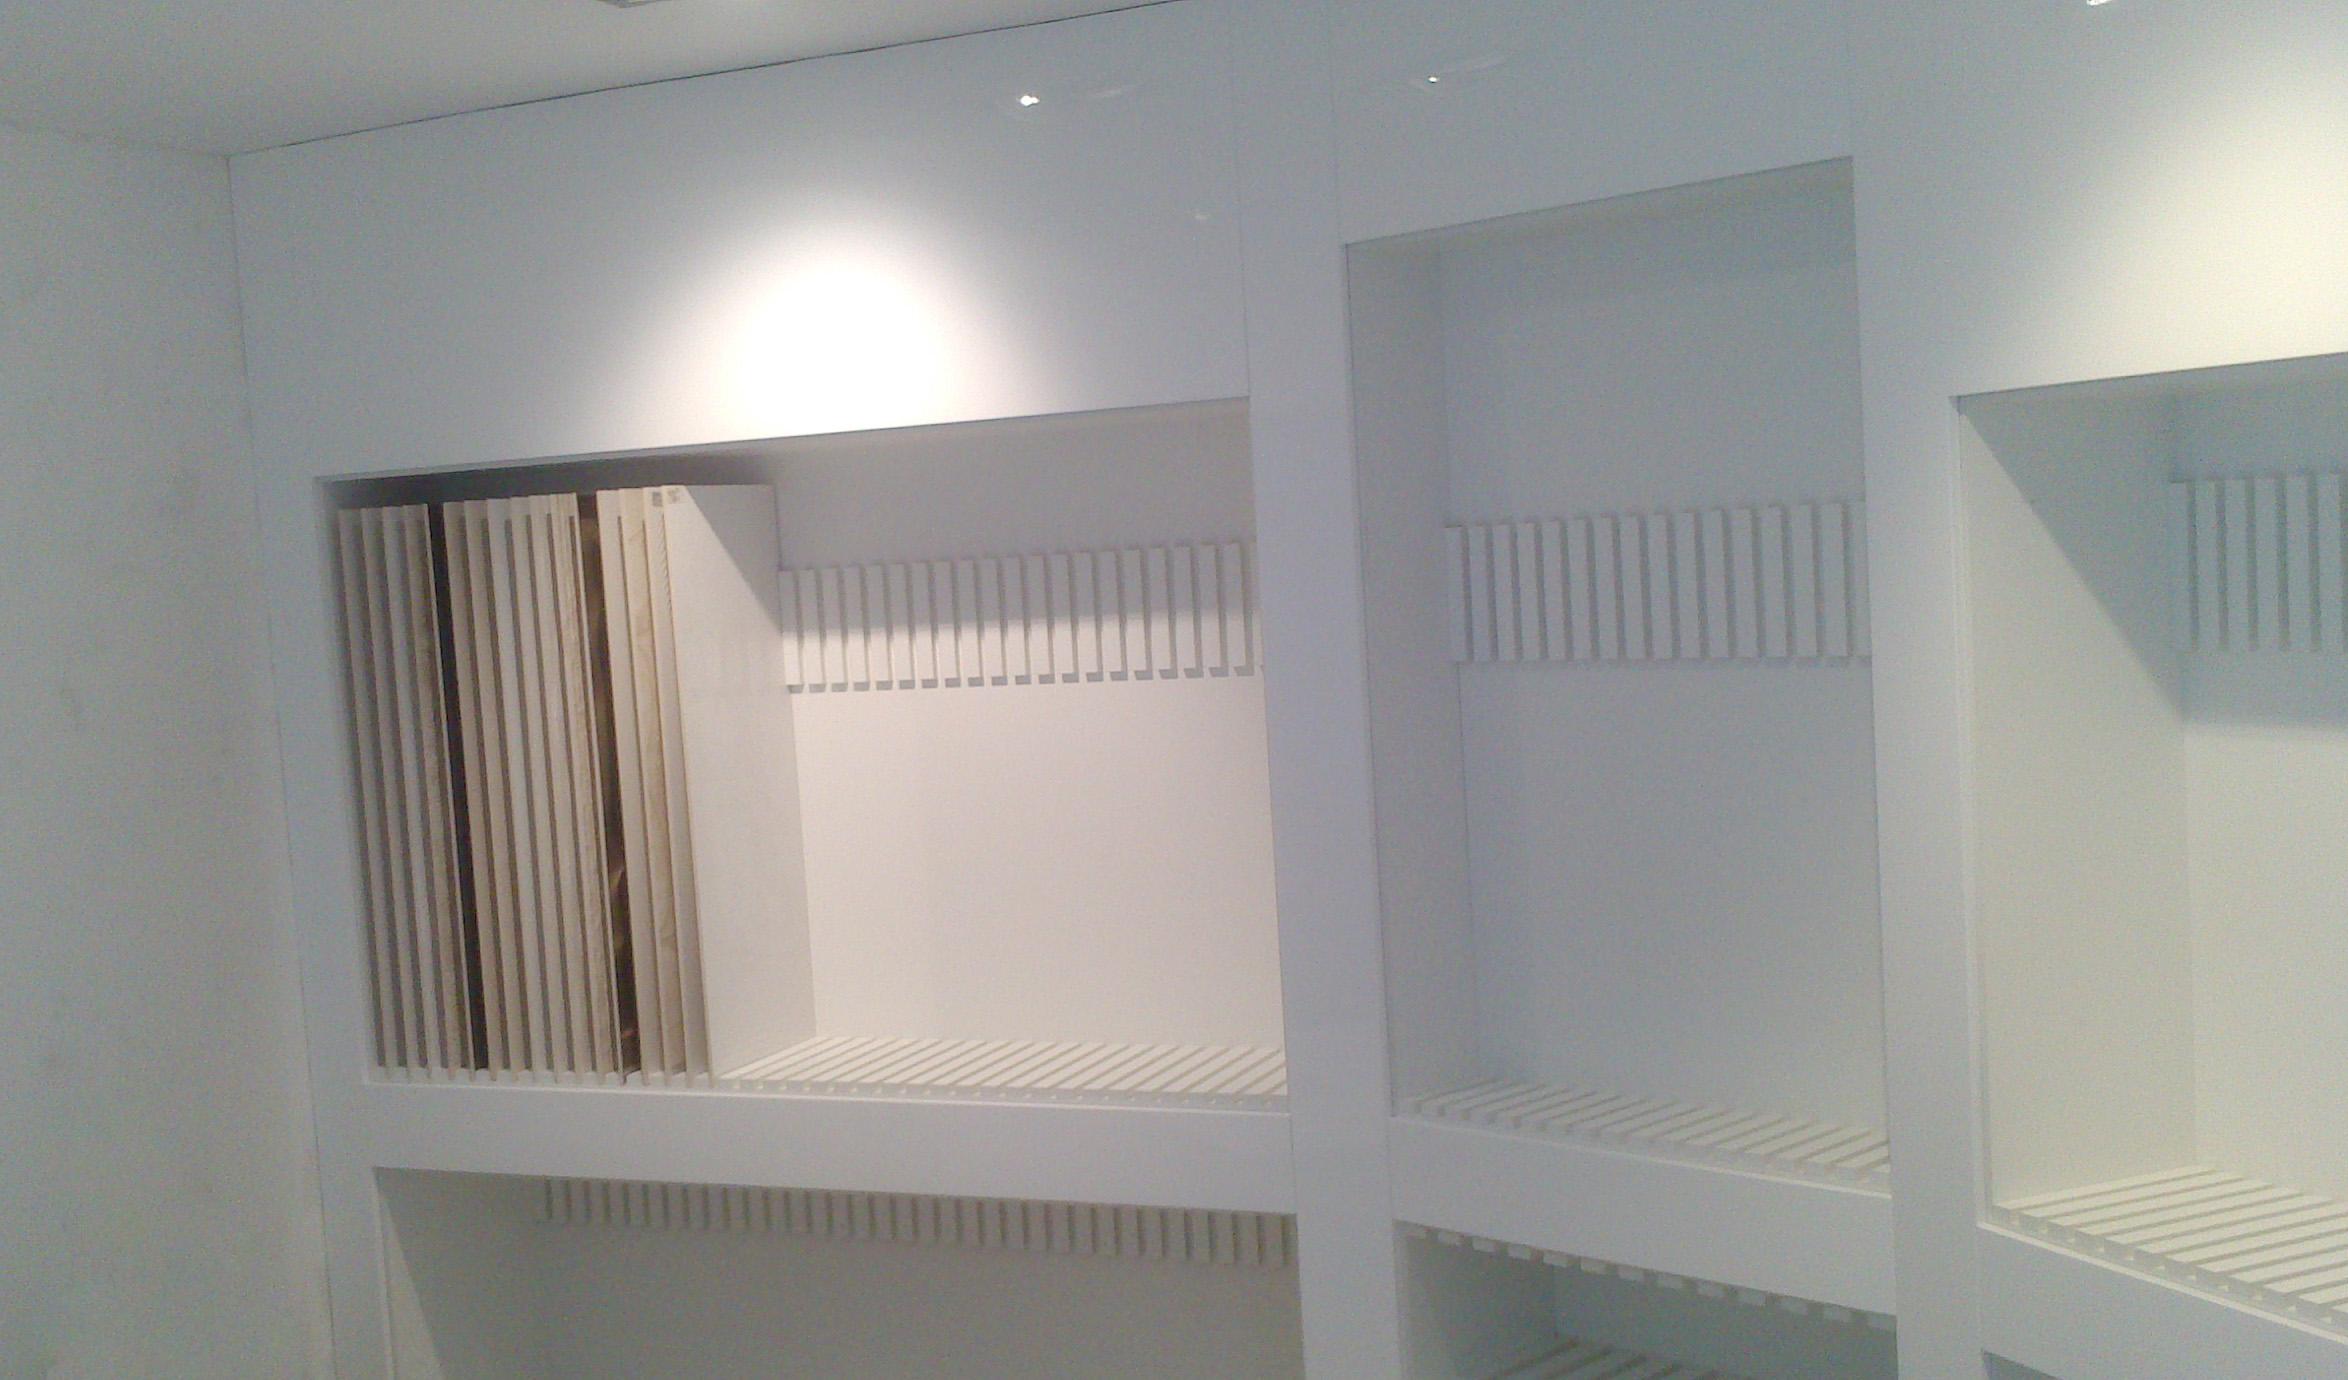 Mueble a medida para exposición cerámica